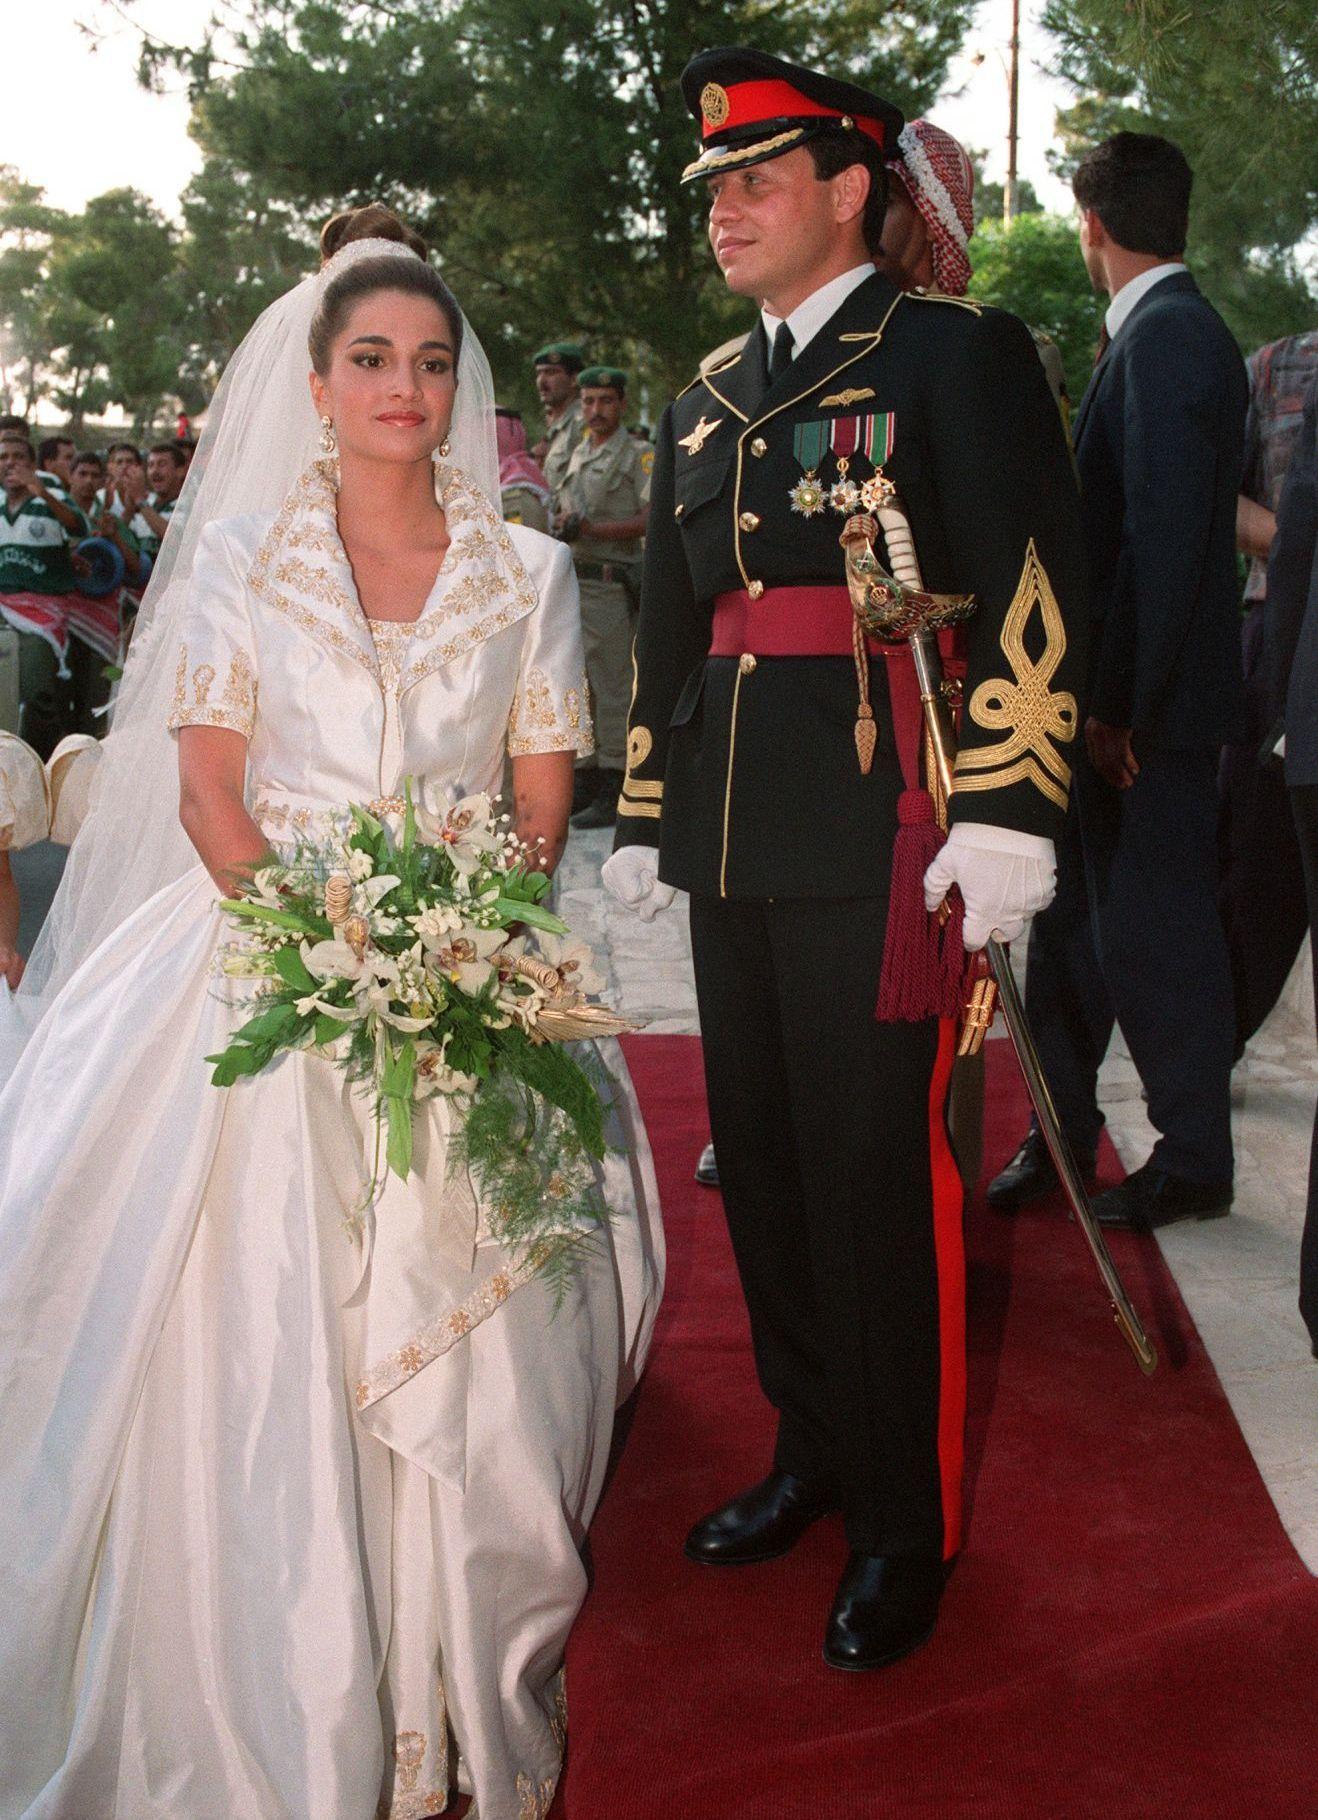 Queen Raina Of Jordan 400 000 Koninklijke Huwelijken Bruidsparen Huwelijk [ 1820 x 1318 Pixel ]